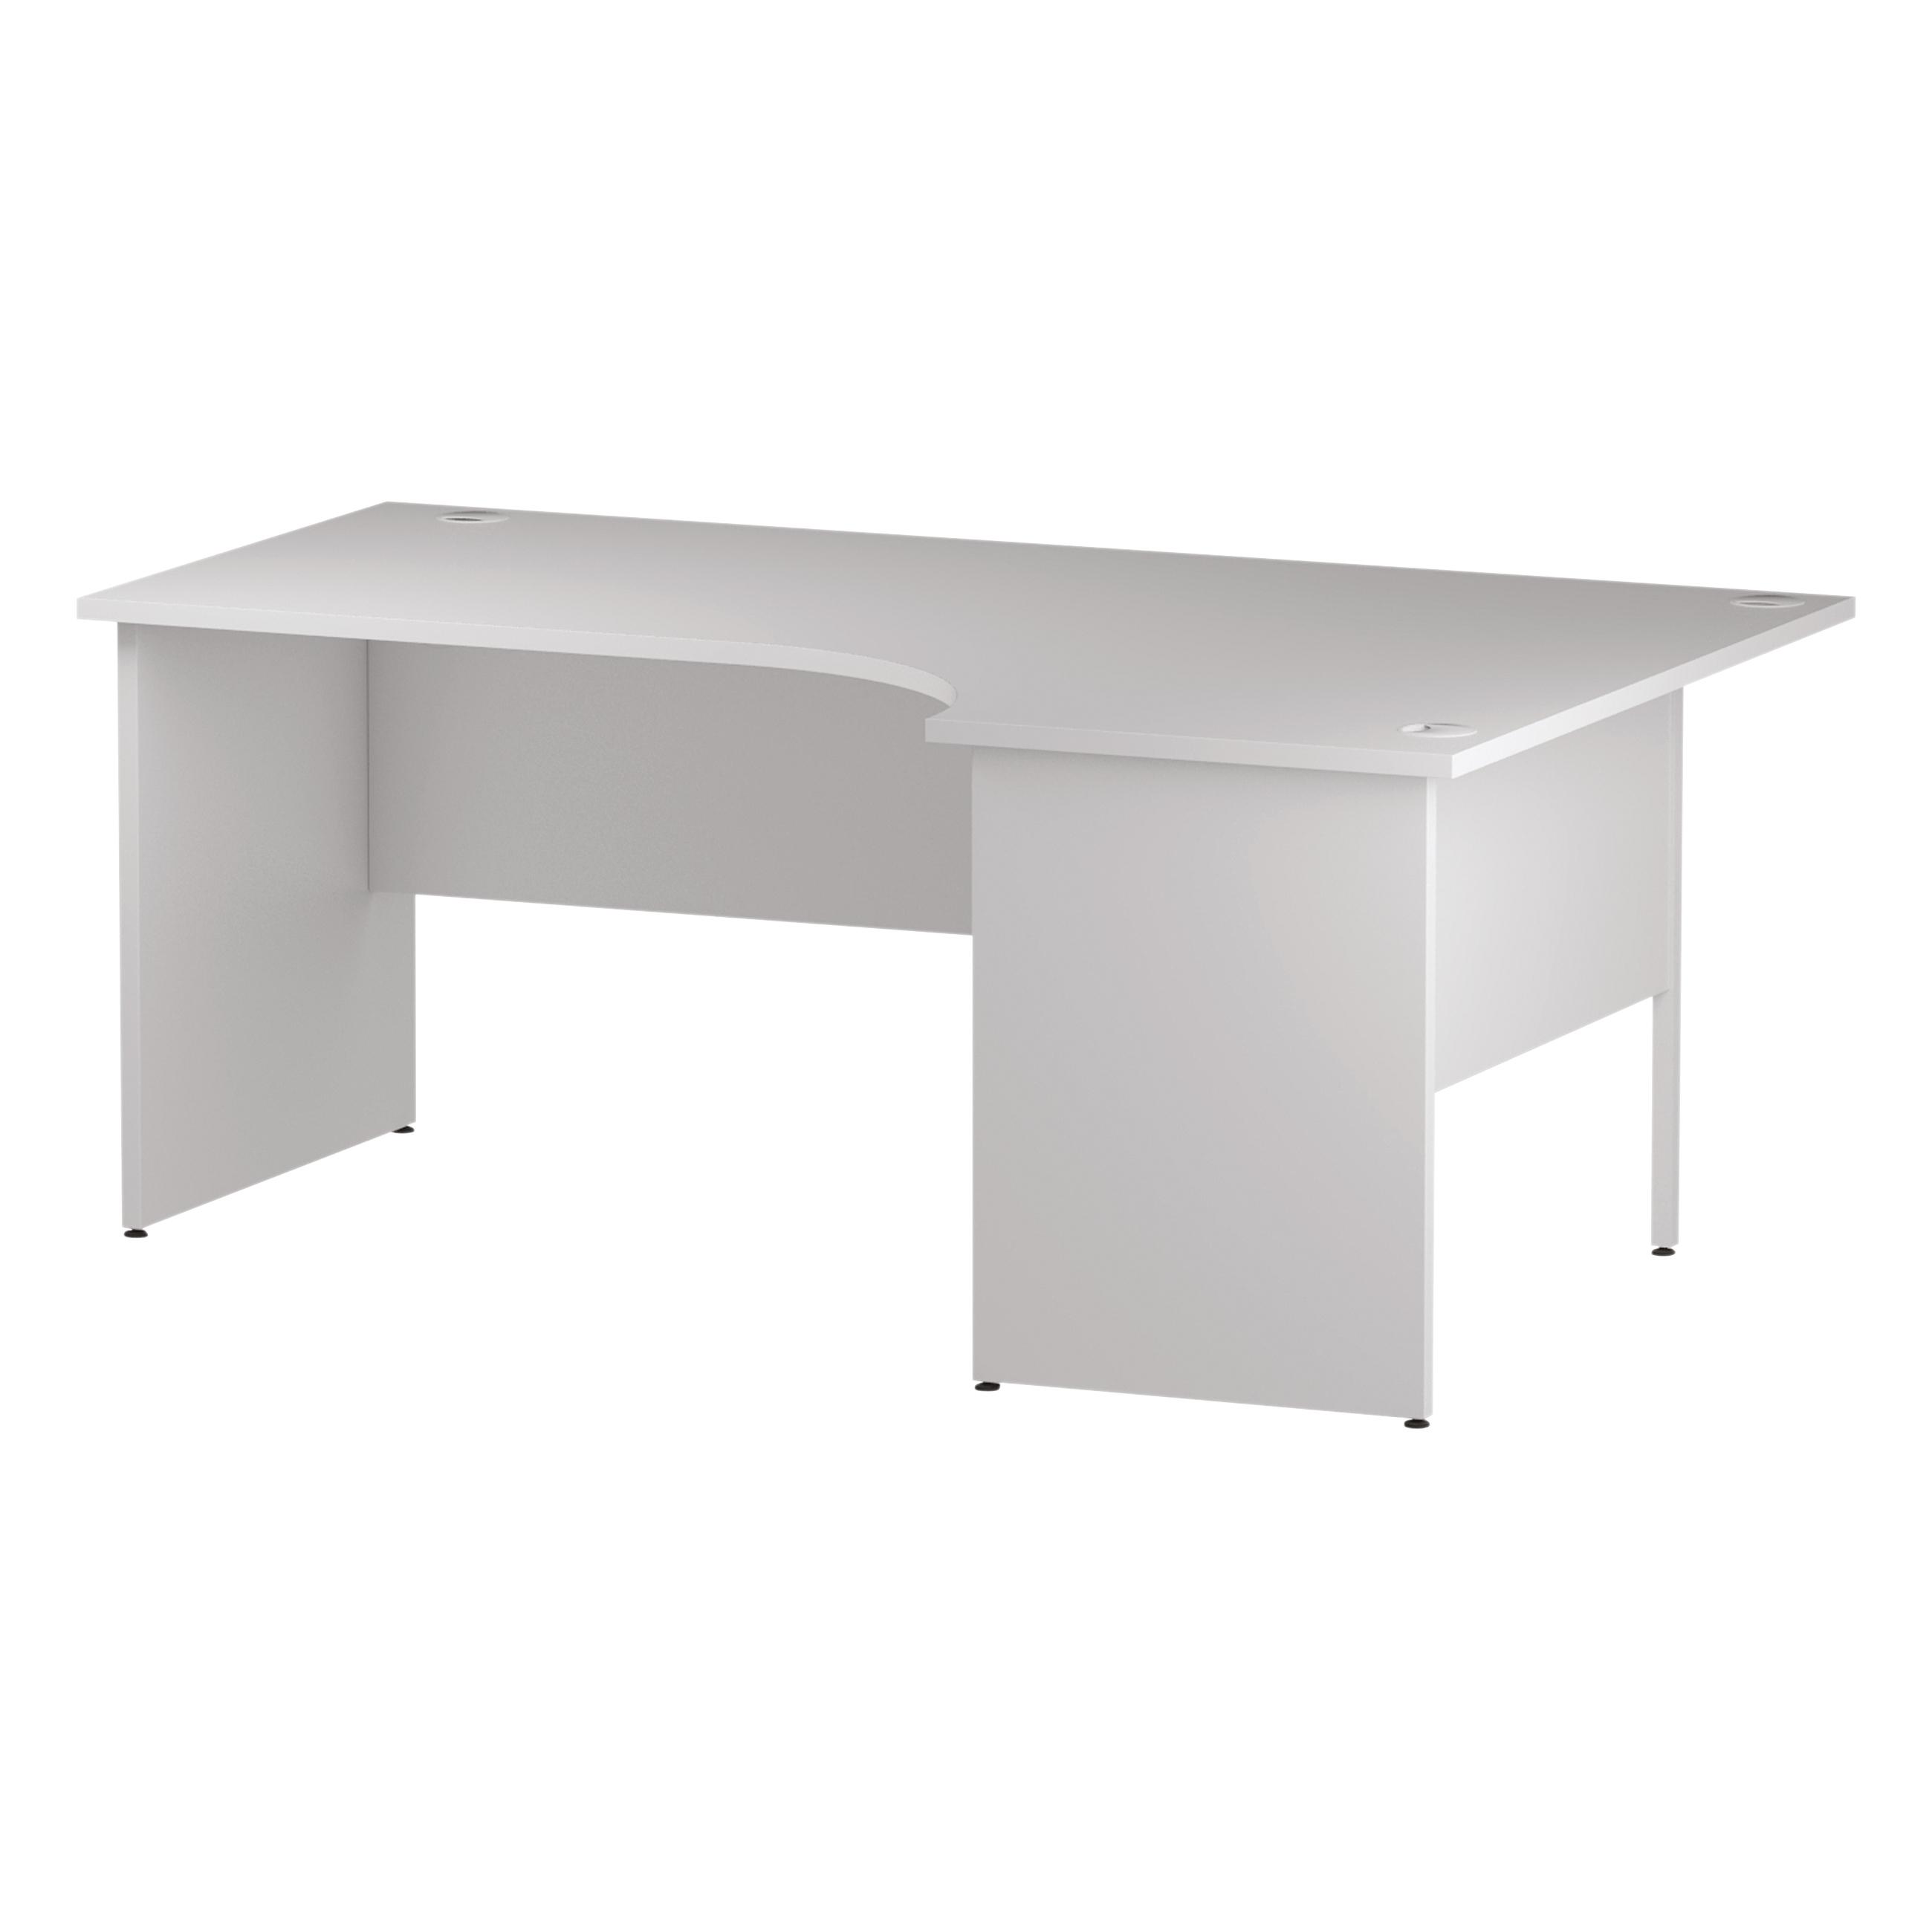 Trexus Radial Desk Right Hand Panel End Leg 1800/1200mm White Ref I000412